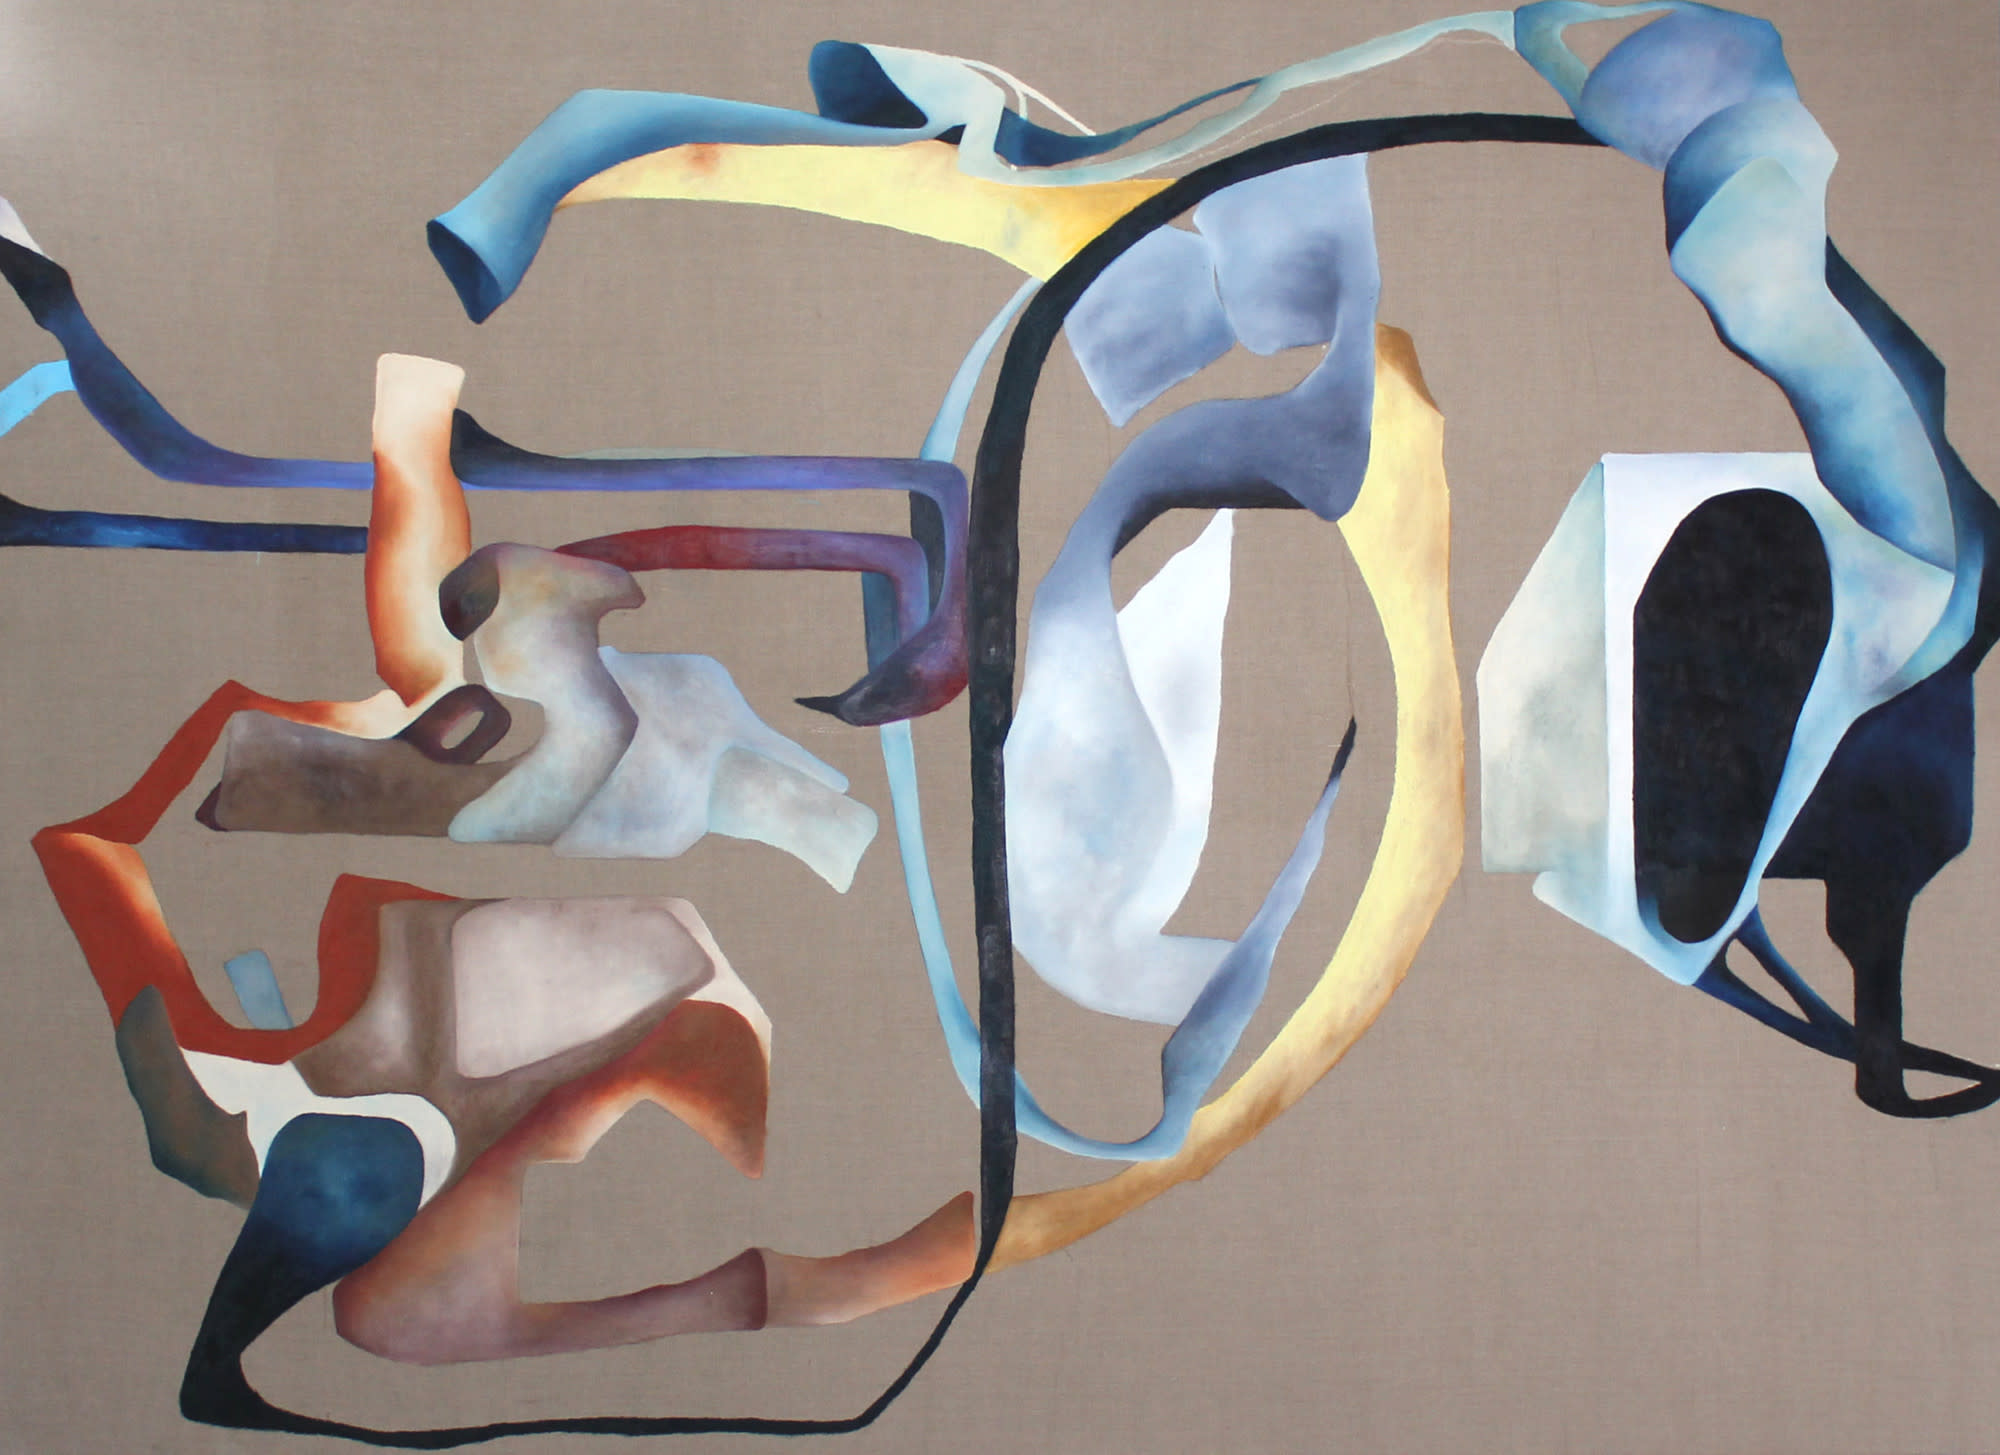 """<span class=""""link fancybox-details-link""""><a href=""""/artists/27-florentijn-de-boer/works/4427-florentijn-de-boer-above-the-image-under-the-shadow-2017/"""">View Detail Page</a></span><div class=""""artist""""><strong>Florentijn de Boer</strong></div> <div class=""""title""""><em>Above the image, under the shadow</em>, 2017</div> <div class=""""medium"""">Oilbar on canvas</div> <div class=""""dimensions"""">210 x 290 cm</div><div class=""""price"""">€7,500.00</div>"""